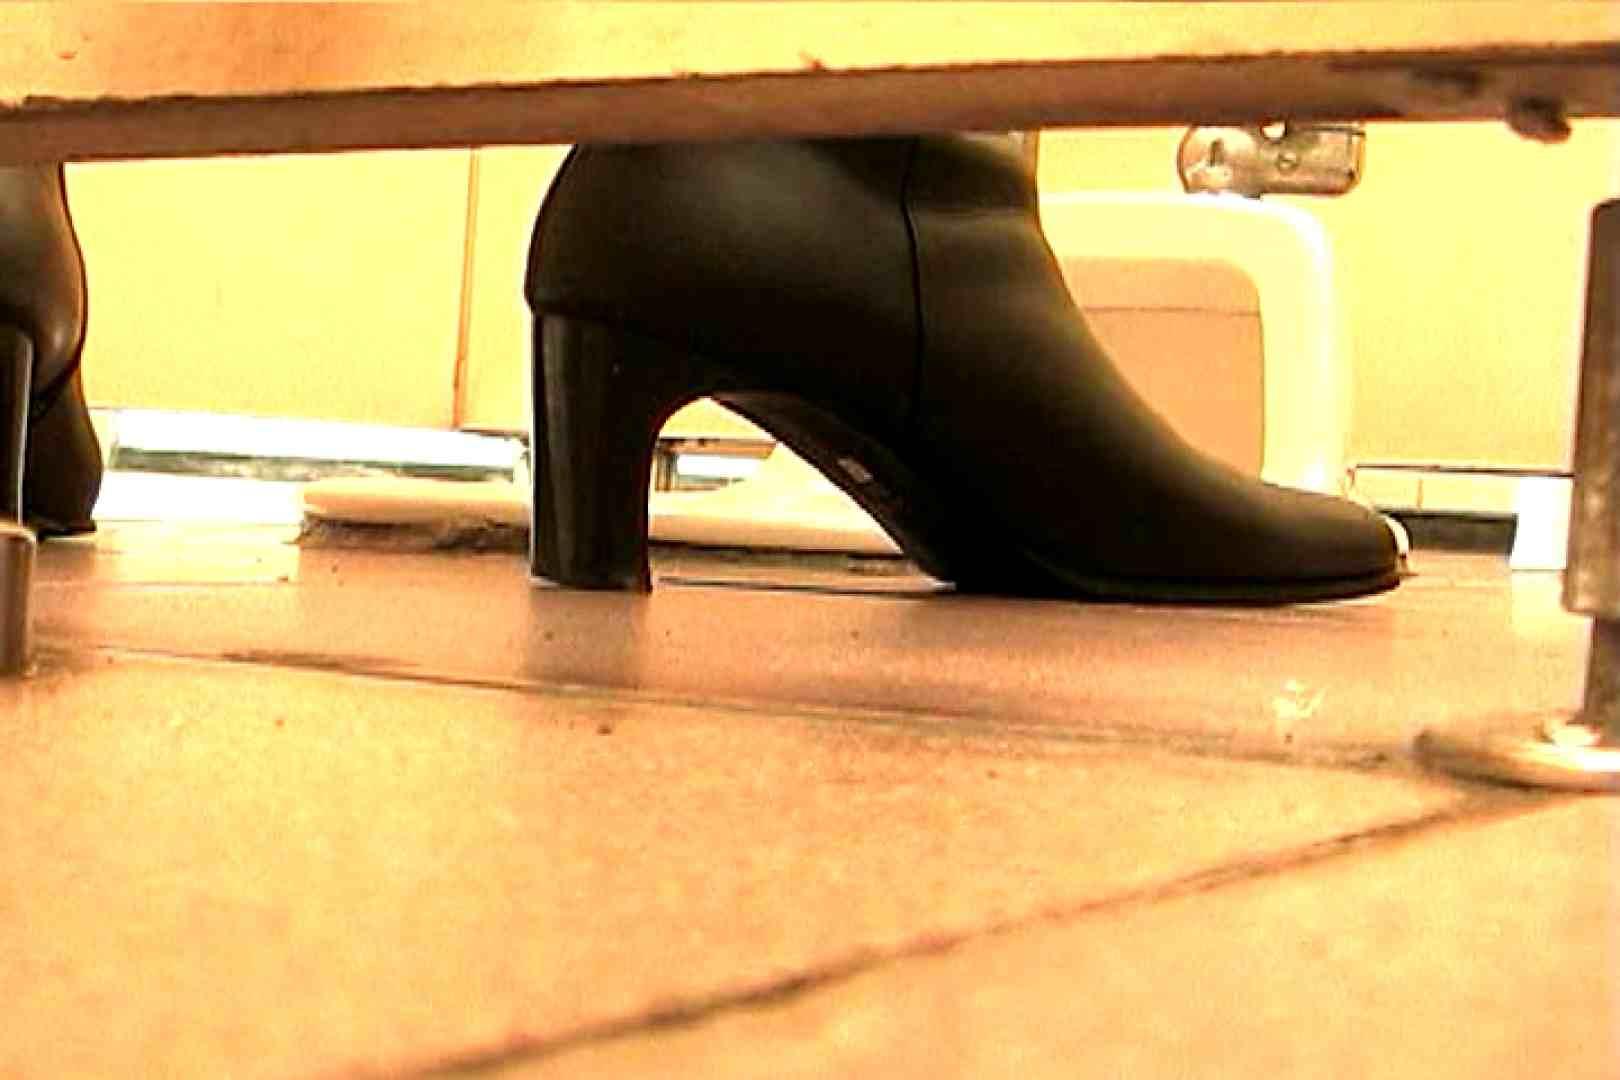 マンコ丸見え女子洗面所Vol.43 OLの実態 のぞきおめこ無修正画像 47pic 18